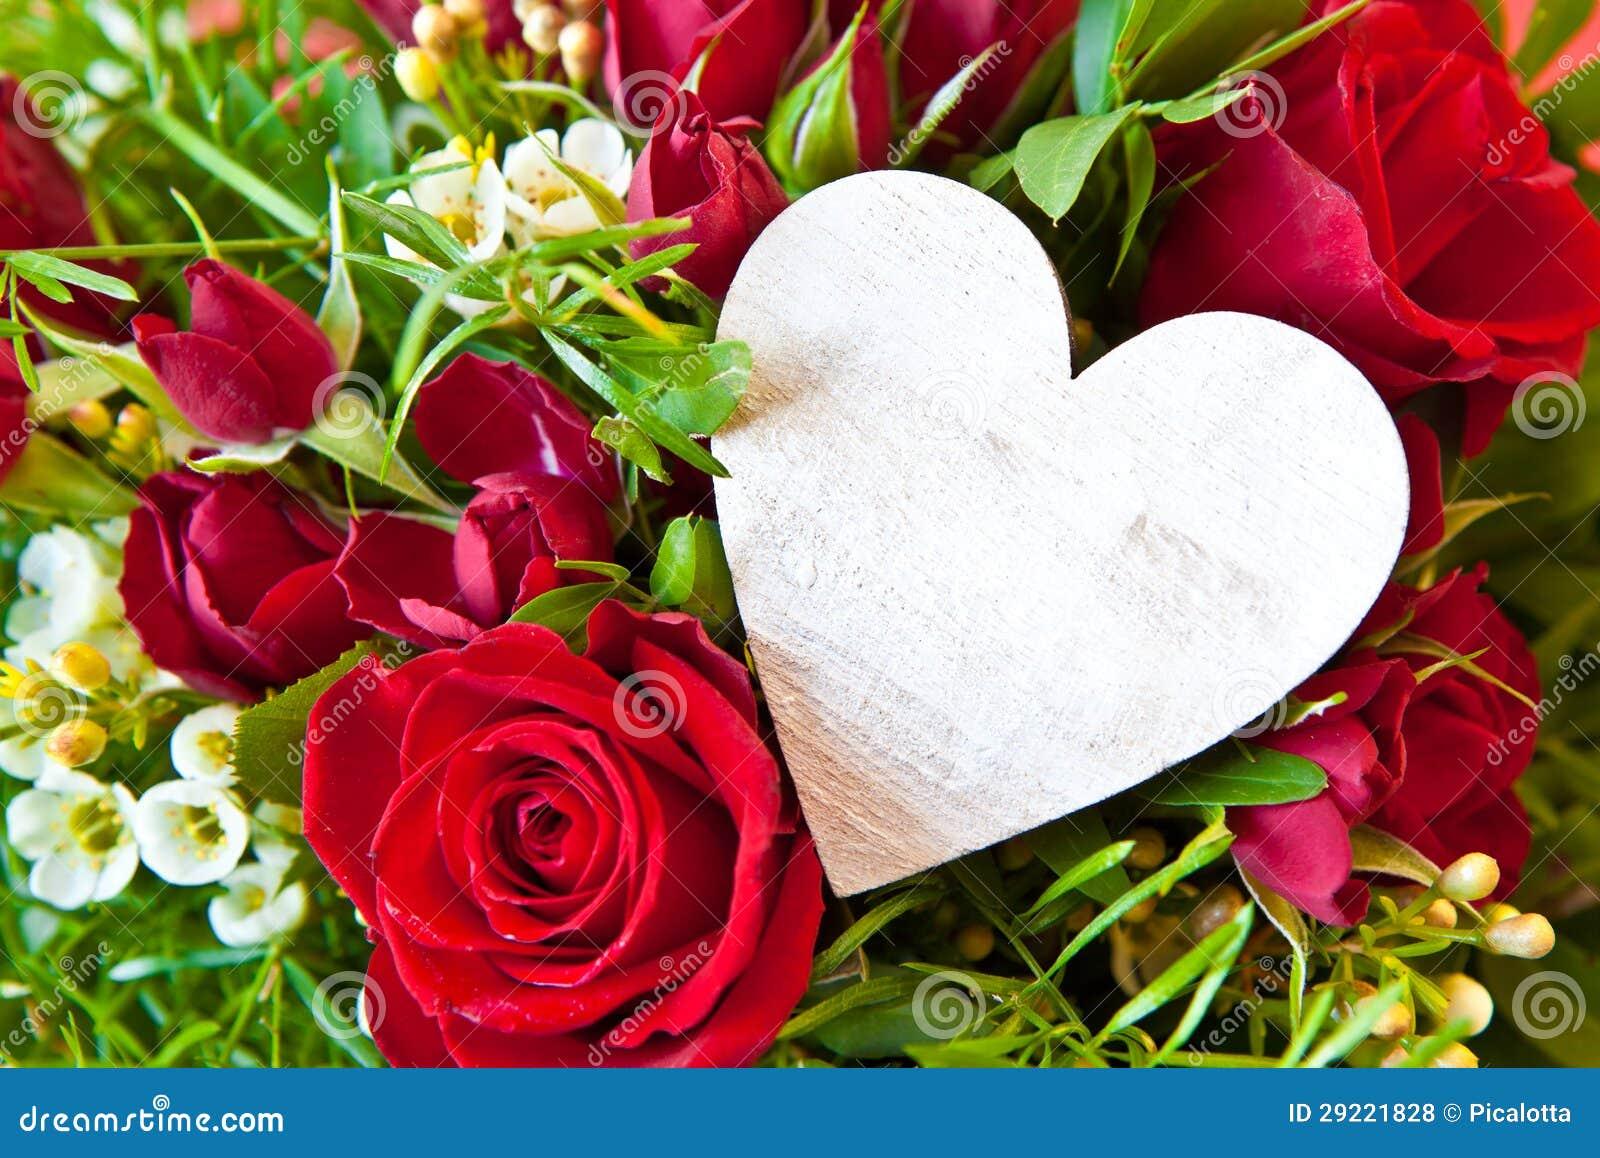 rosas-vermelhas-com-um-cora%C3%A7%C3%A3o